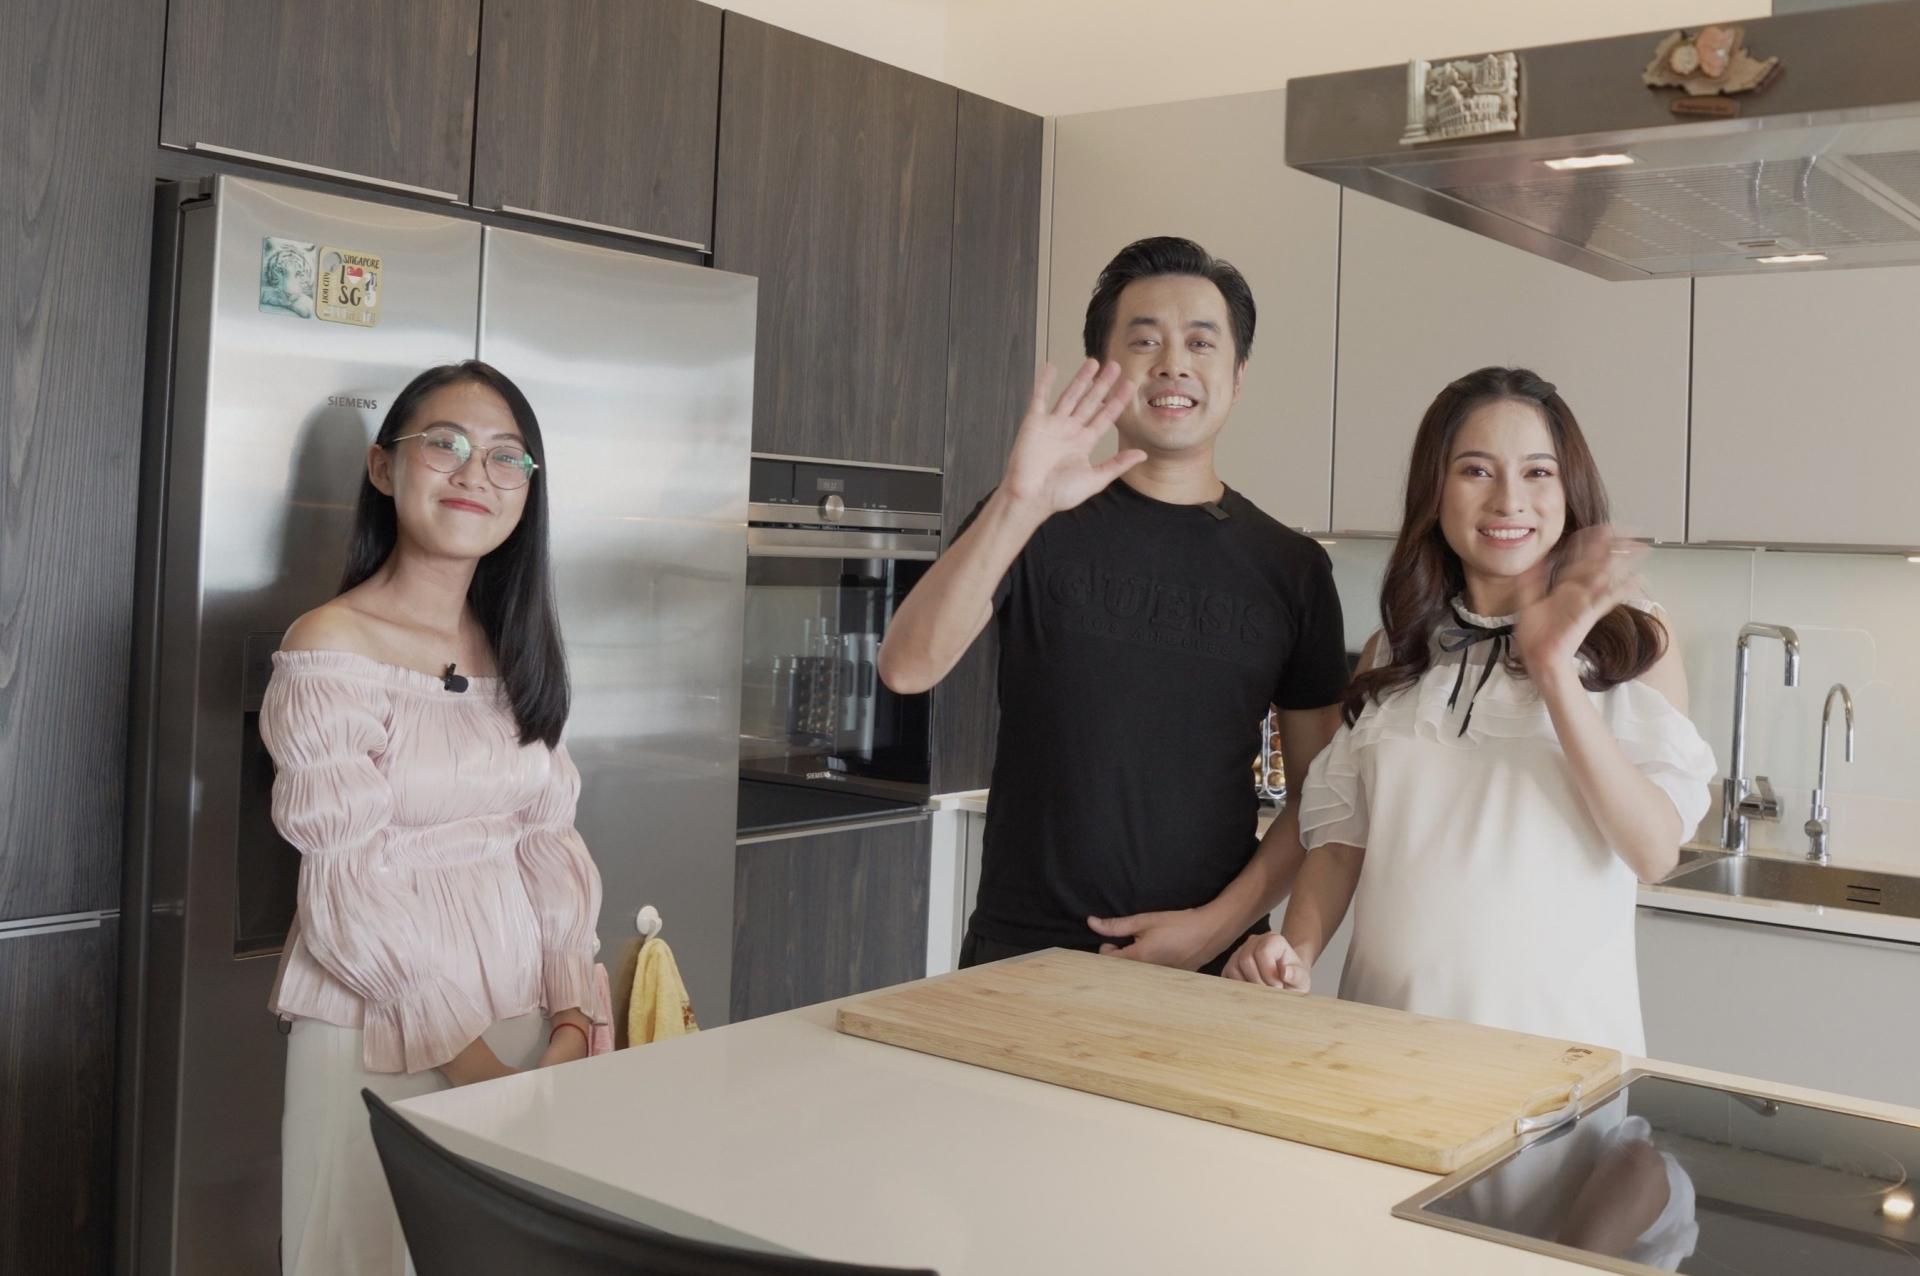 Thăm bếp trị giá 1,2 tỷ của vợ chồng Dương Khắc Linh